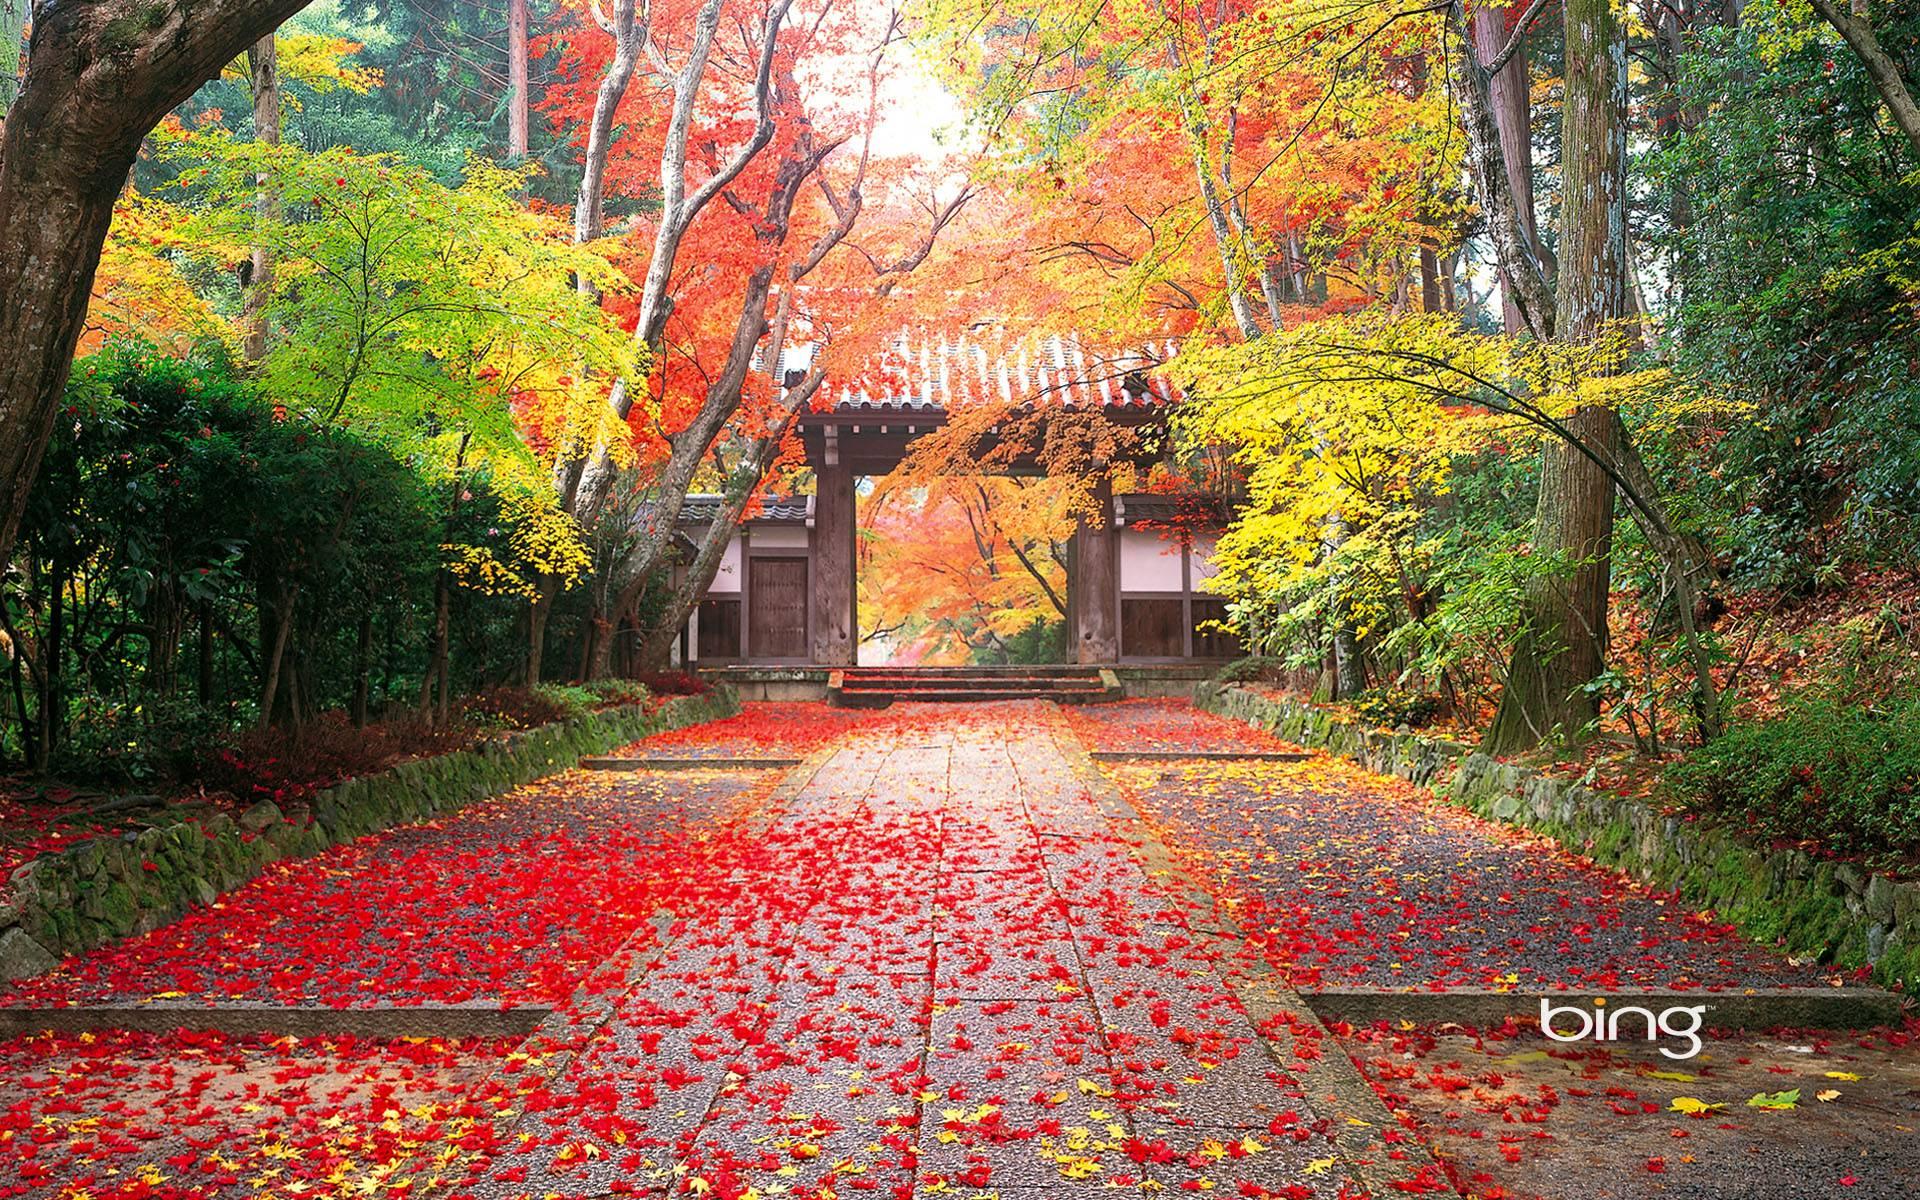 japanese nature desktop wallpaper for desktop background 13 hd